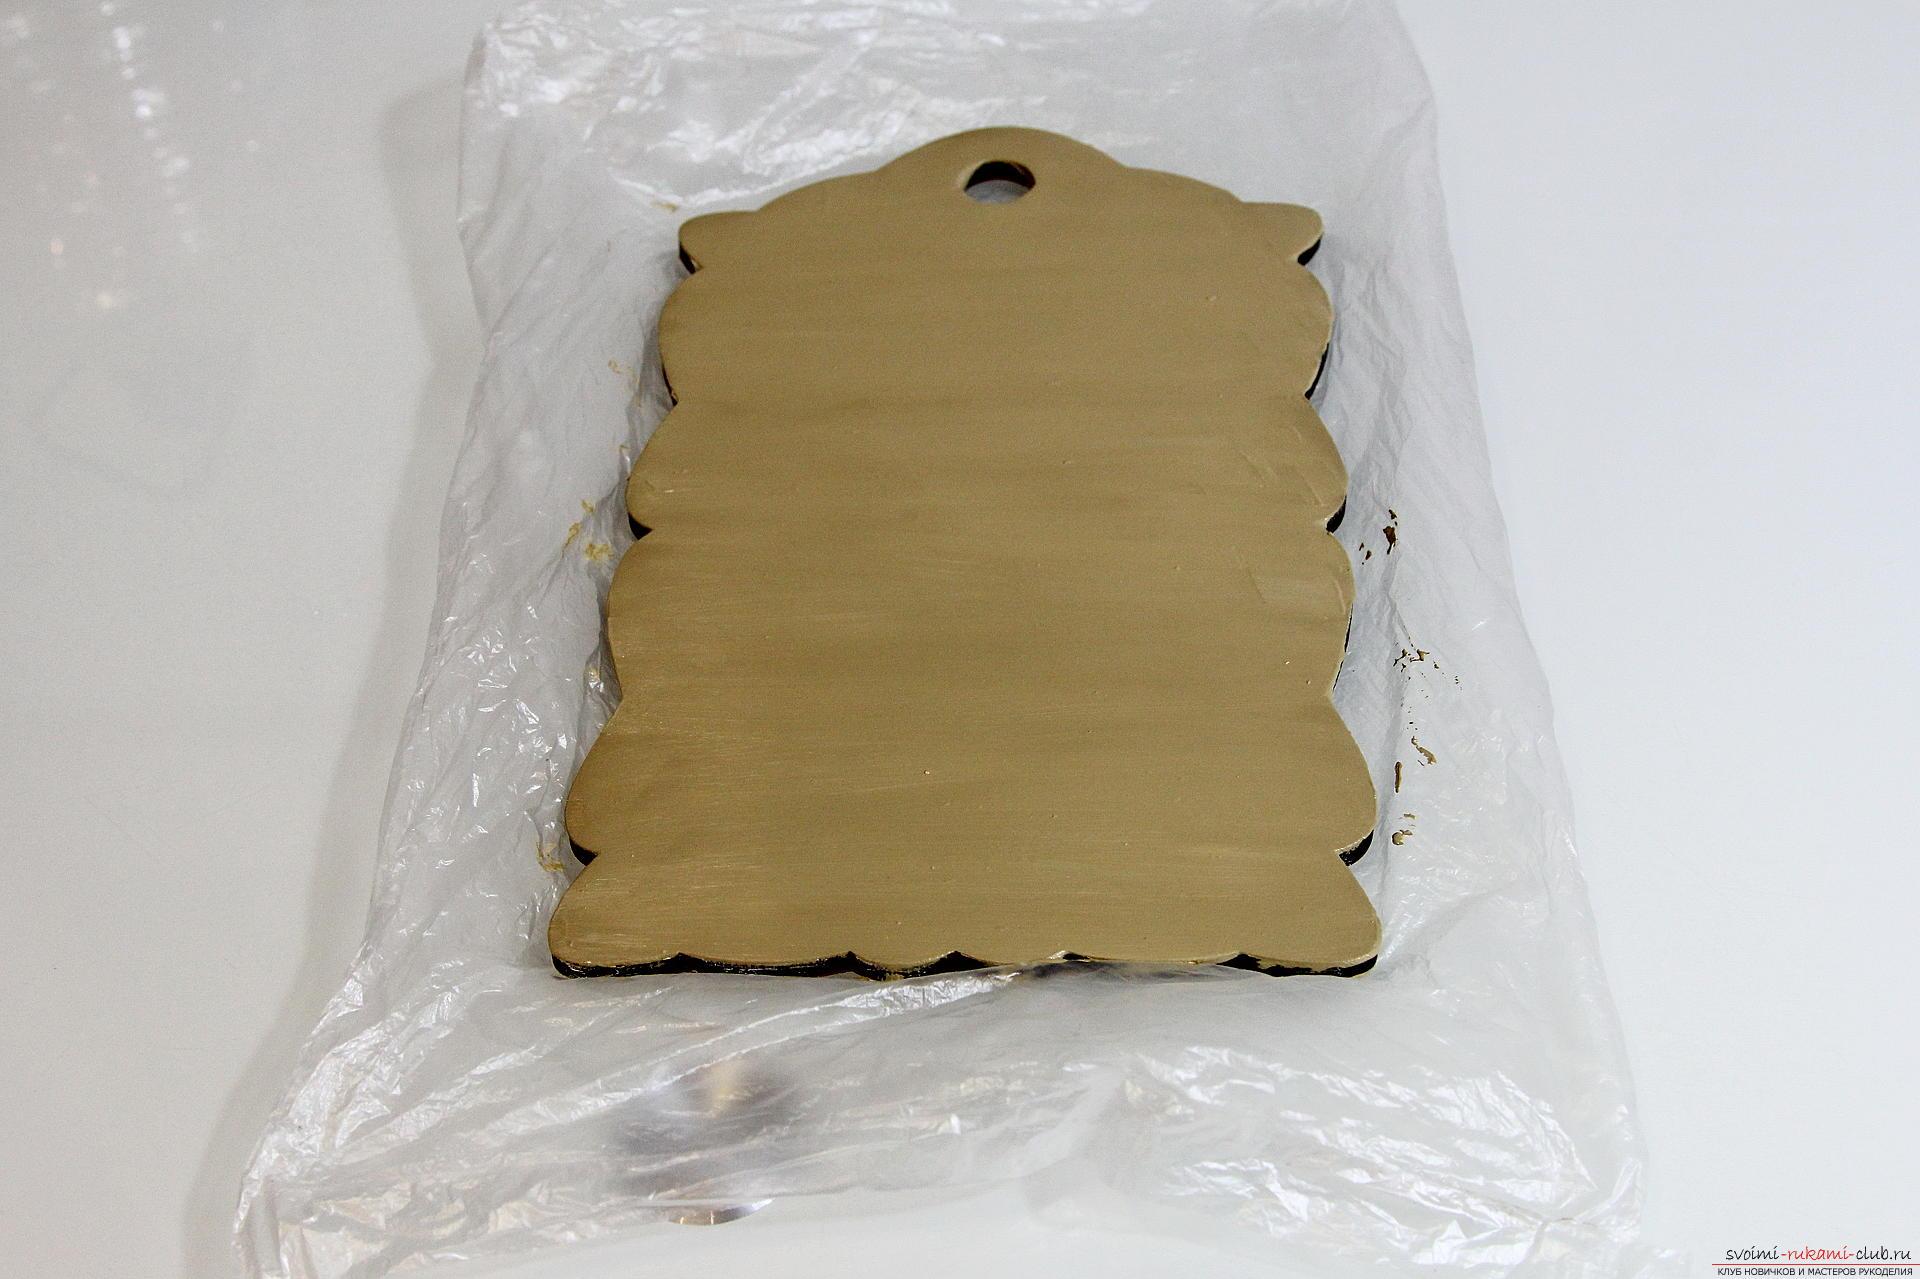 Мастер-класс описывает как декорируется разделочная доска своими руками с использованием техники декупаж.. Фото №14